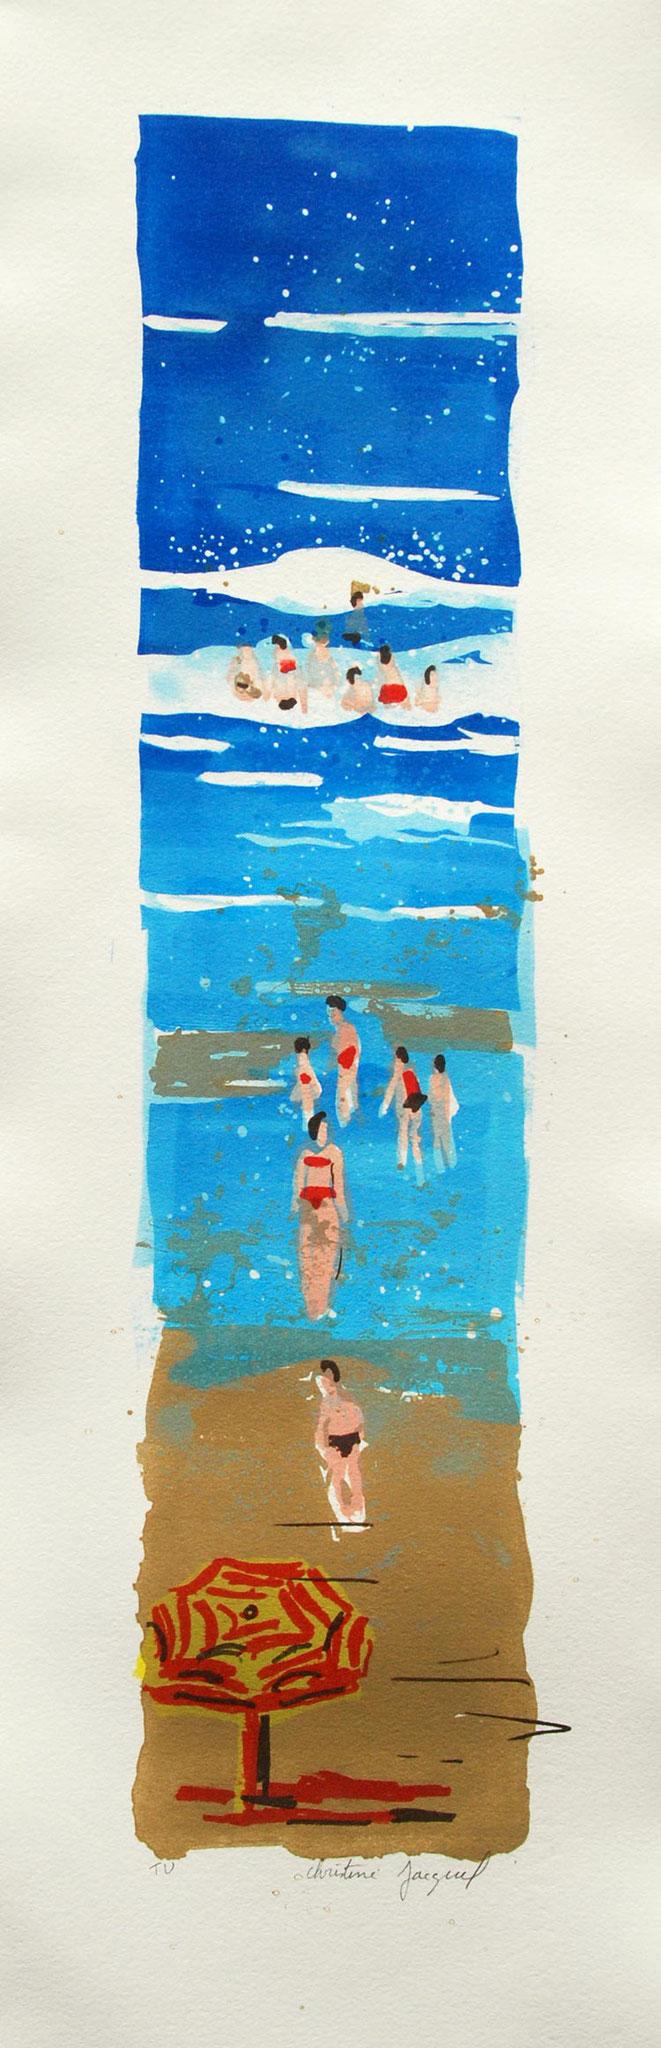 Lithographie originale de vacances au bord de la mer